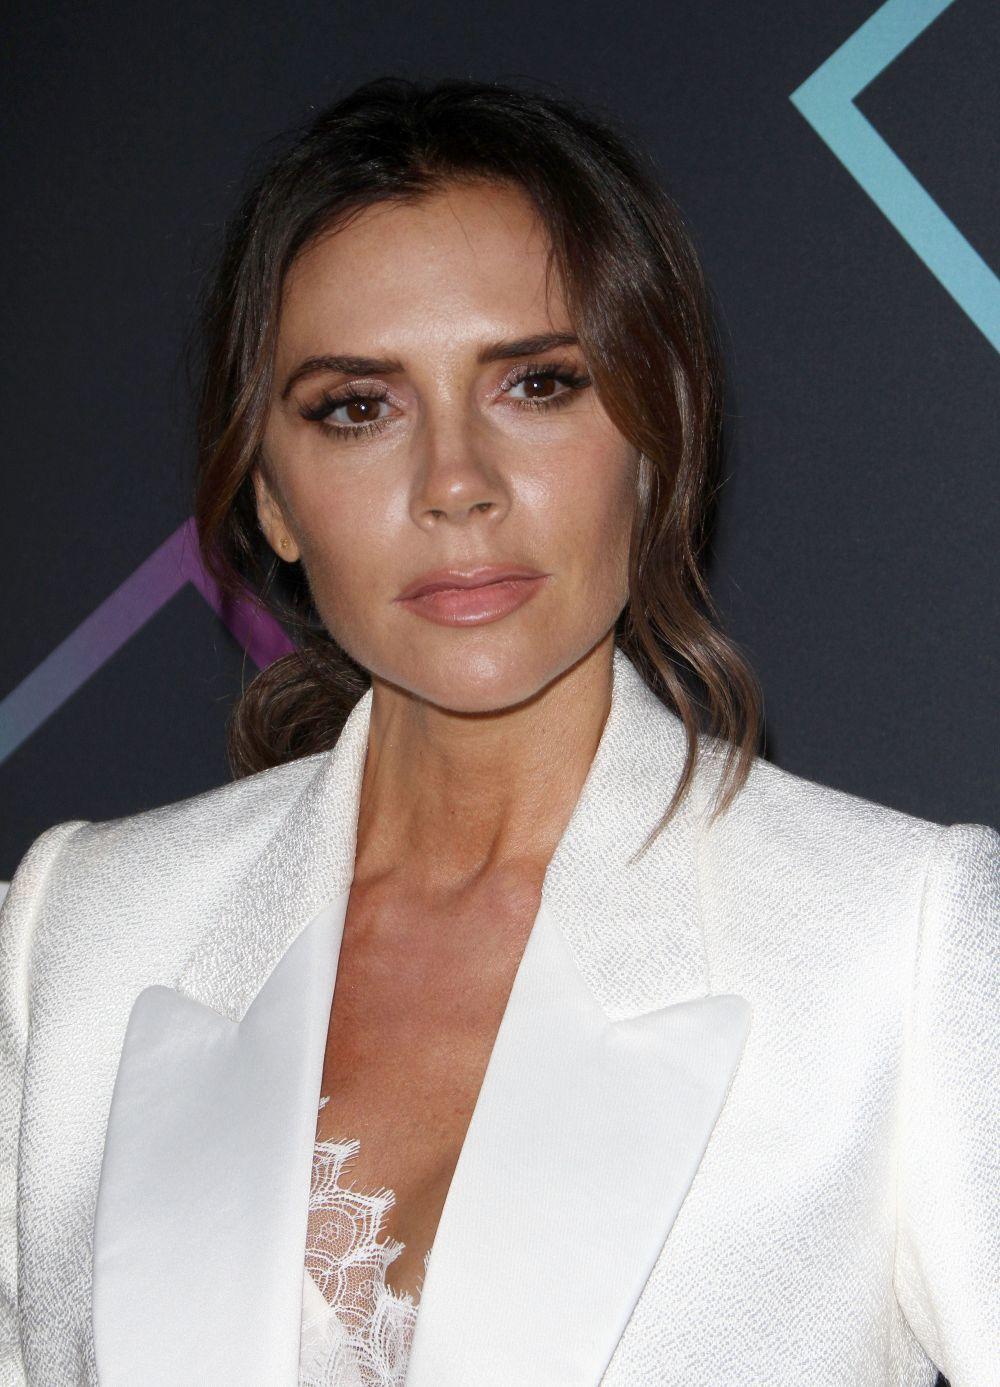 Victoria Beckham con ojos enmarcados por eyeliner marrón y lápiz de...